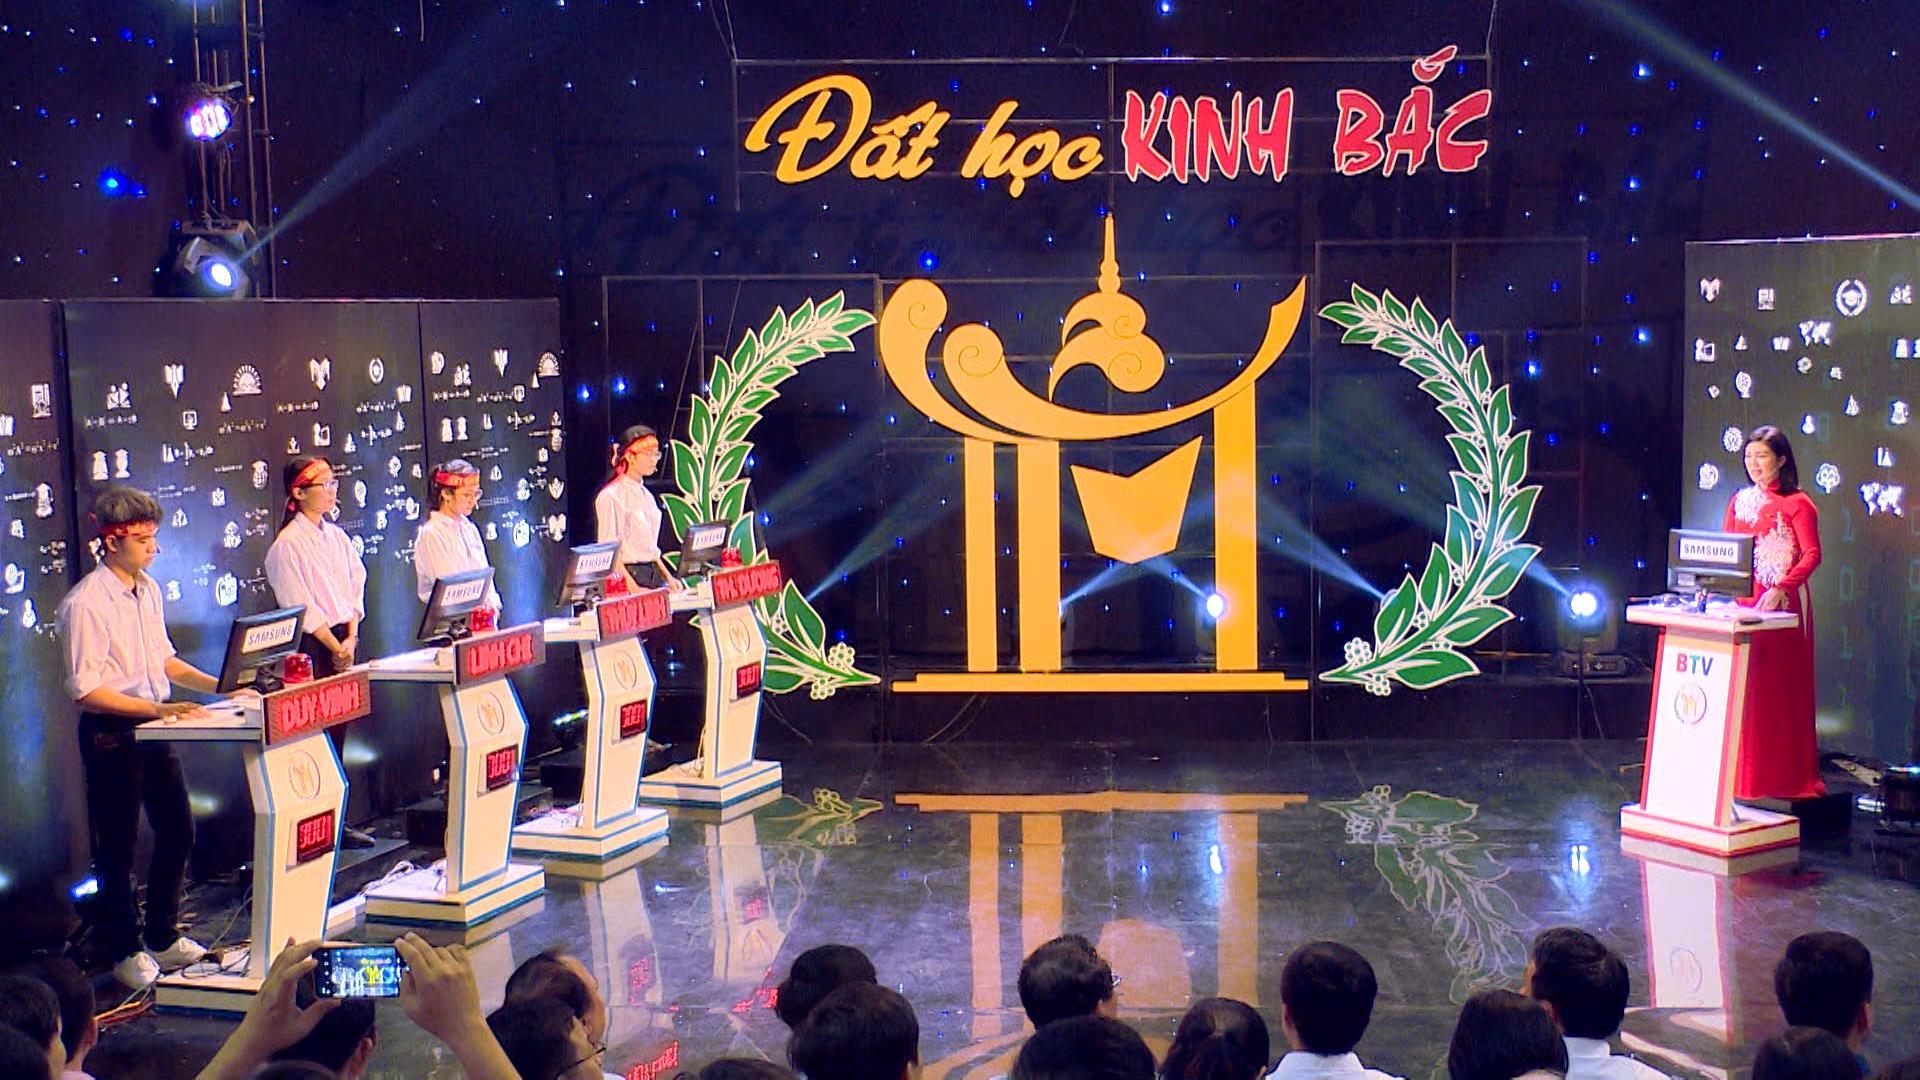 Chung kết Đất học Kinh Bắc năm học 2019 - 2020 phần 2